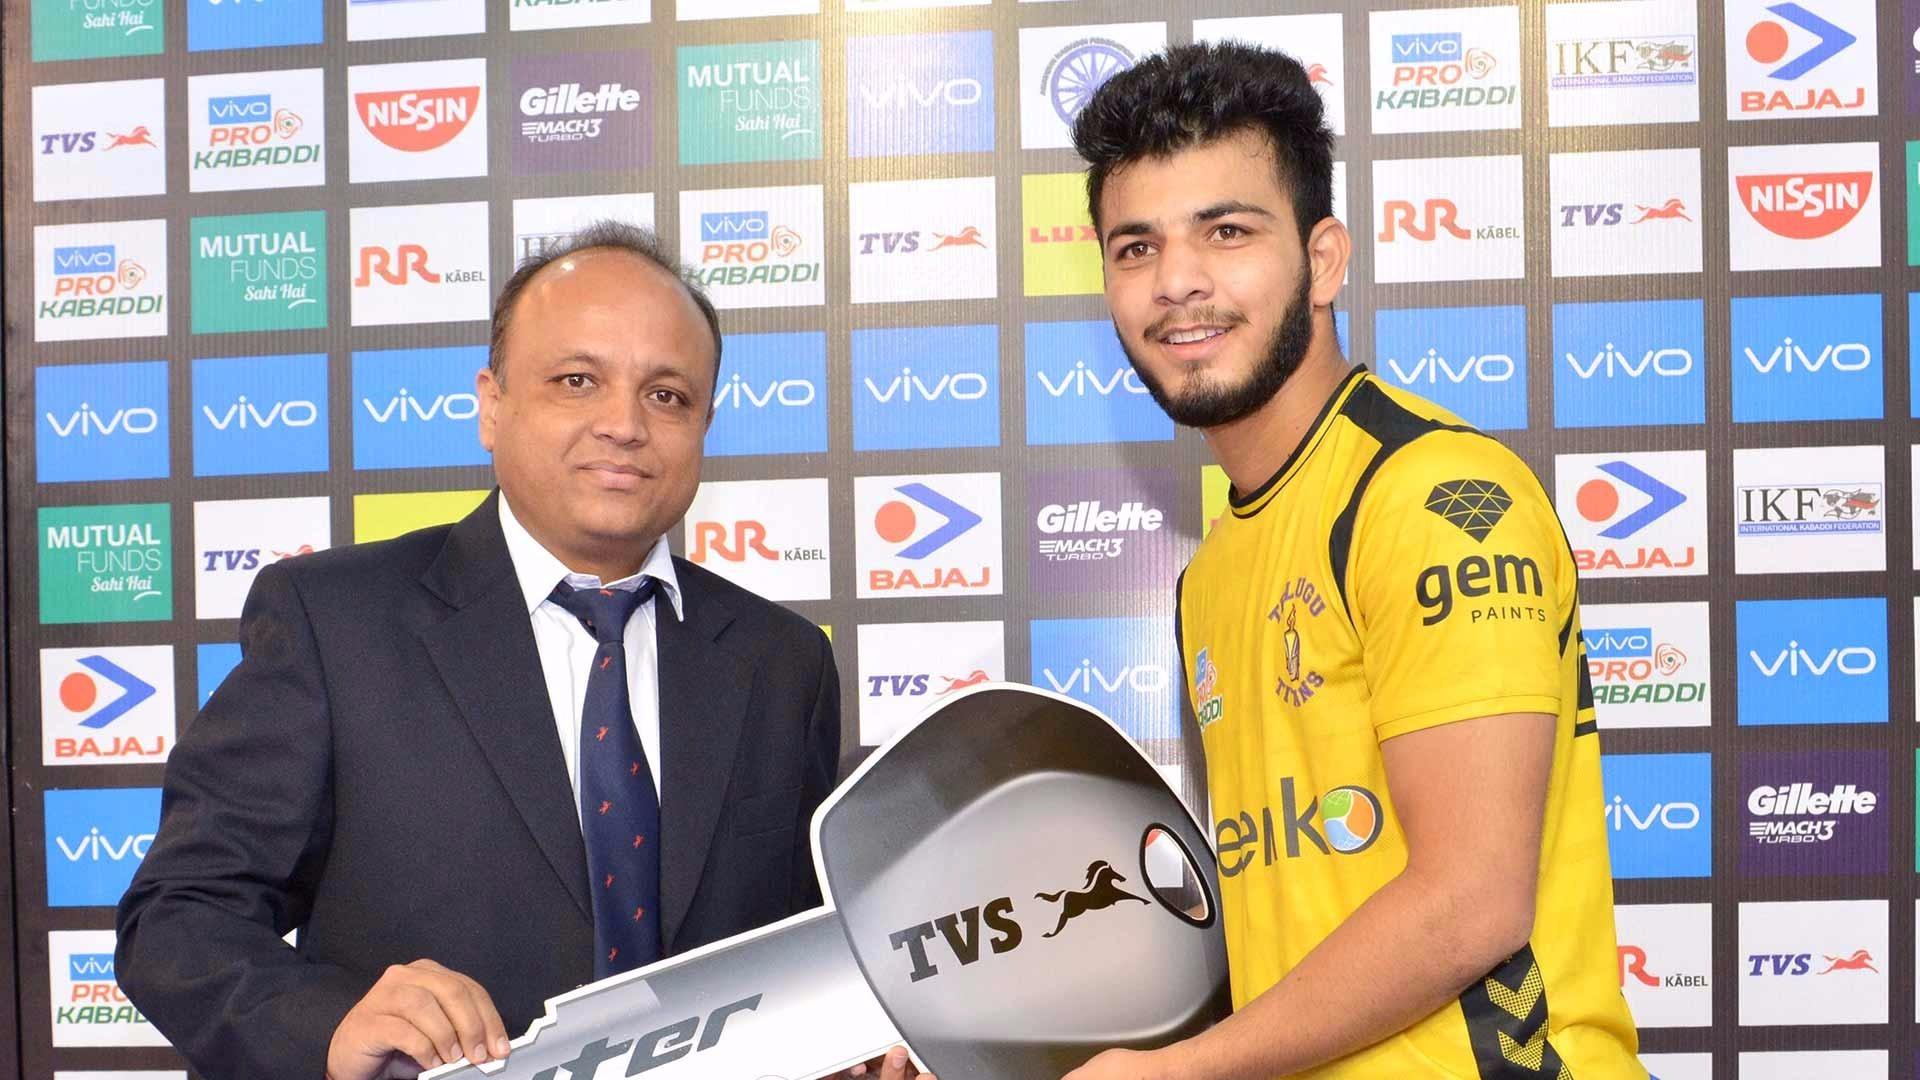 विशाल भरद्वाज- युवा खिलाड़ी हैं जिन्होंने अपने बेहतरीन गेम से तेलुगु टाइटंस को सीजन 6 में कई जीत का हक़दार बनाया था. पिछले सीजन में उन्होंने 17 मैचों में 60 टैकल अंक हासिल किए थे. उनकी खास तकनीक बहुत से खिलाड़ियों के लिए एक मुसीबत साबित हुई है और यही बात उन्हें लीग का एक स्टार डिफेंडर बनाता है. (twitter)